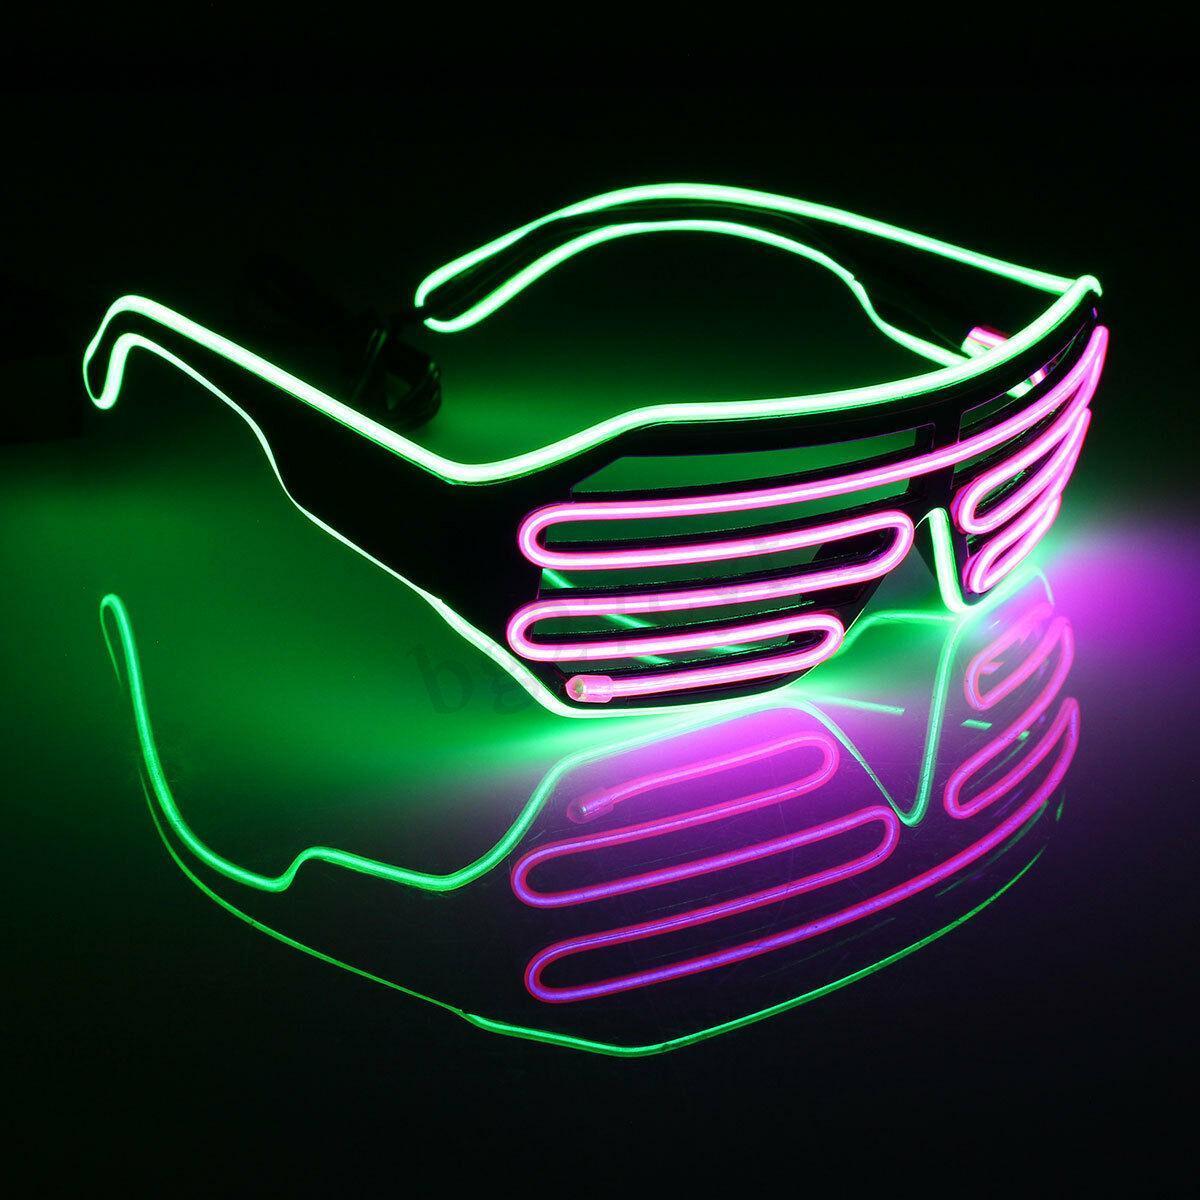 Окуляри світлодіодні El Neon green fluorescent purple неонові